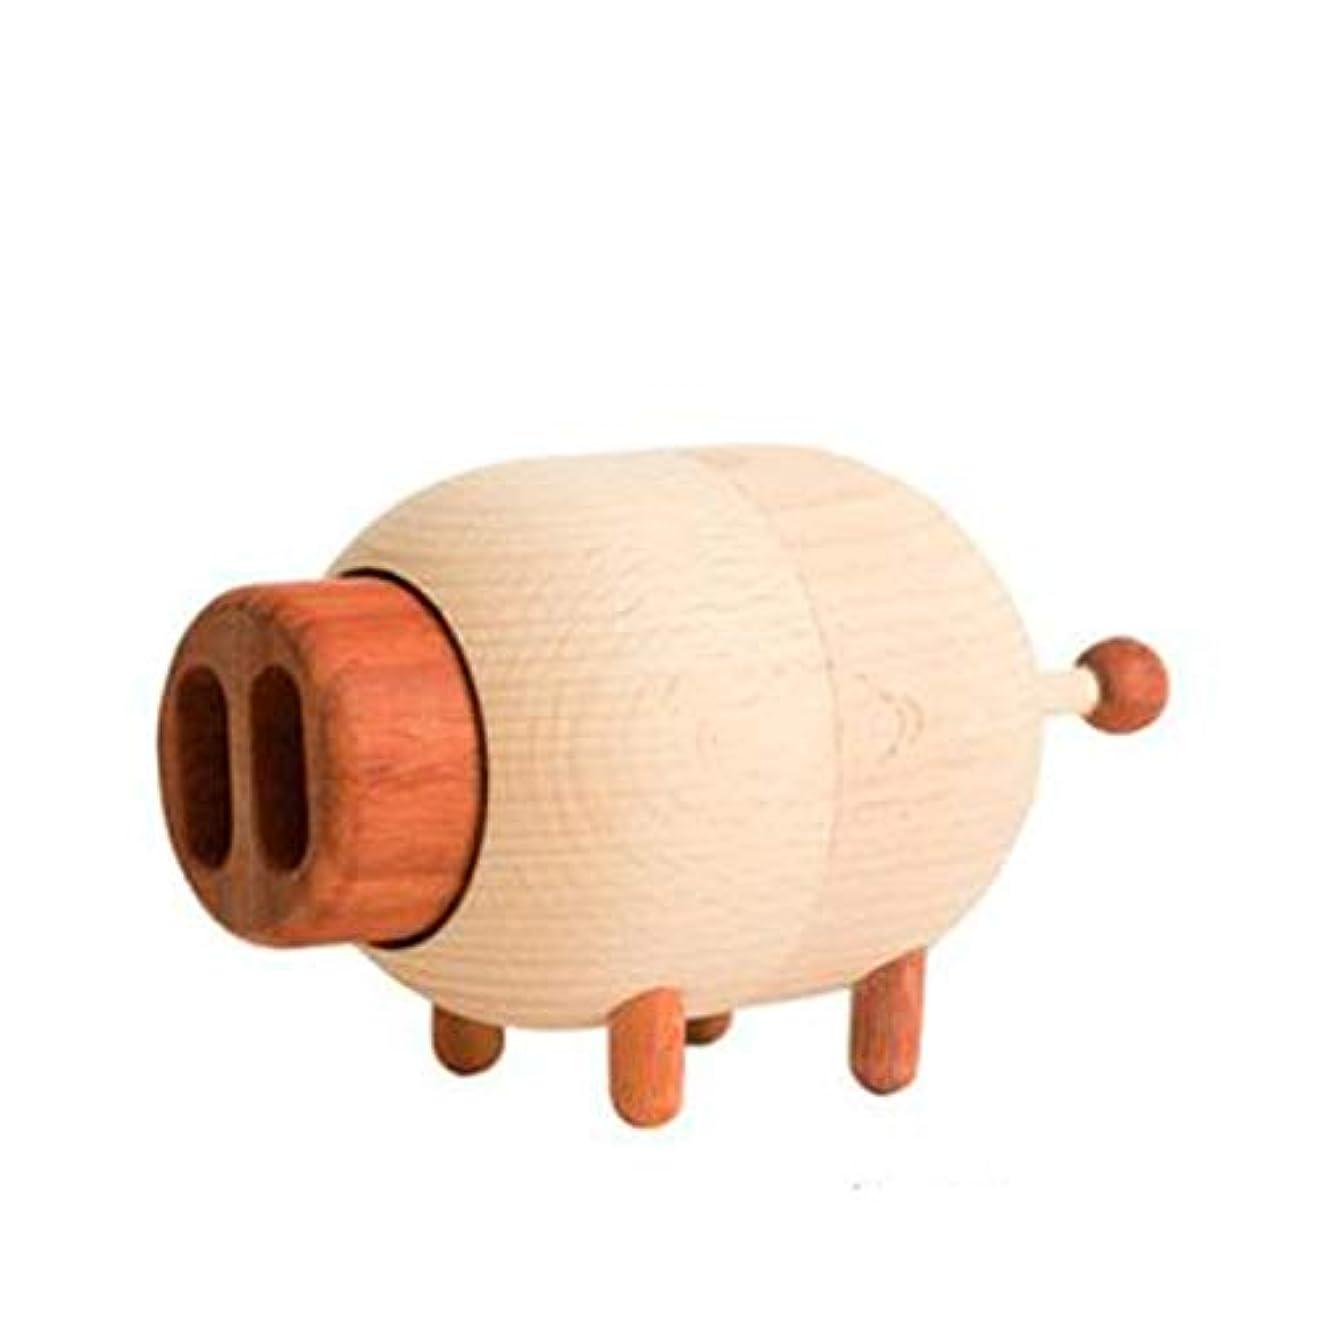 実際の鉄道駅住むHongyuantongxun ギフト豚オルゴールスカイシティオルゴール木製回転クリエイティブ送信女の子カップル誕生日ギフト,、装飾品ペンダント (Style : Pig)